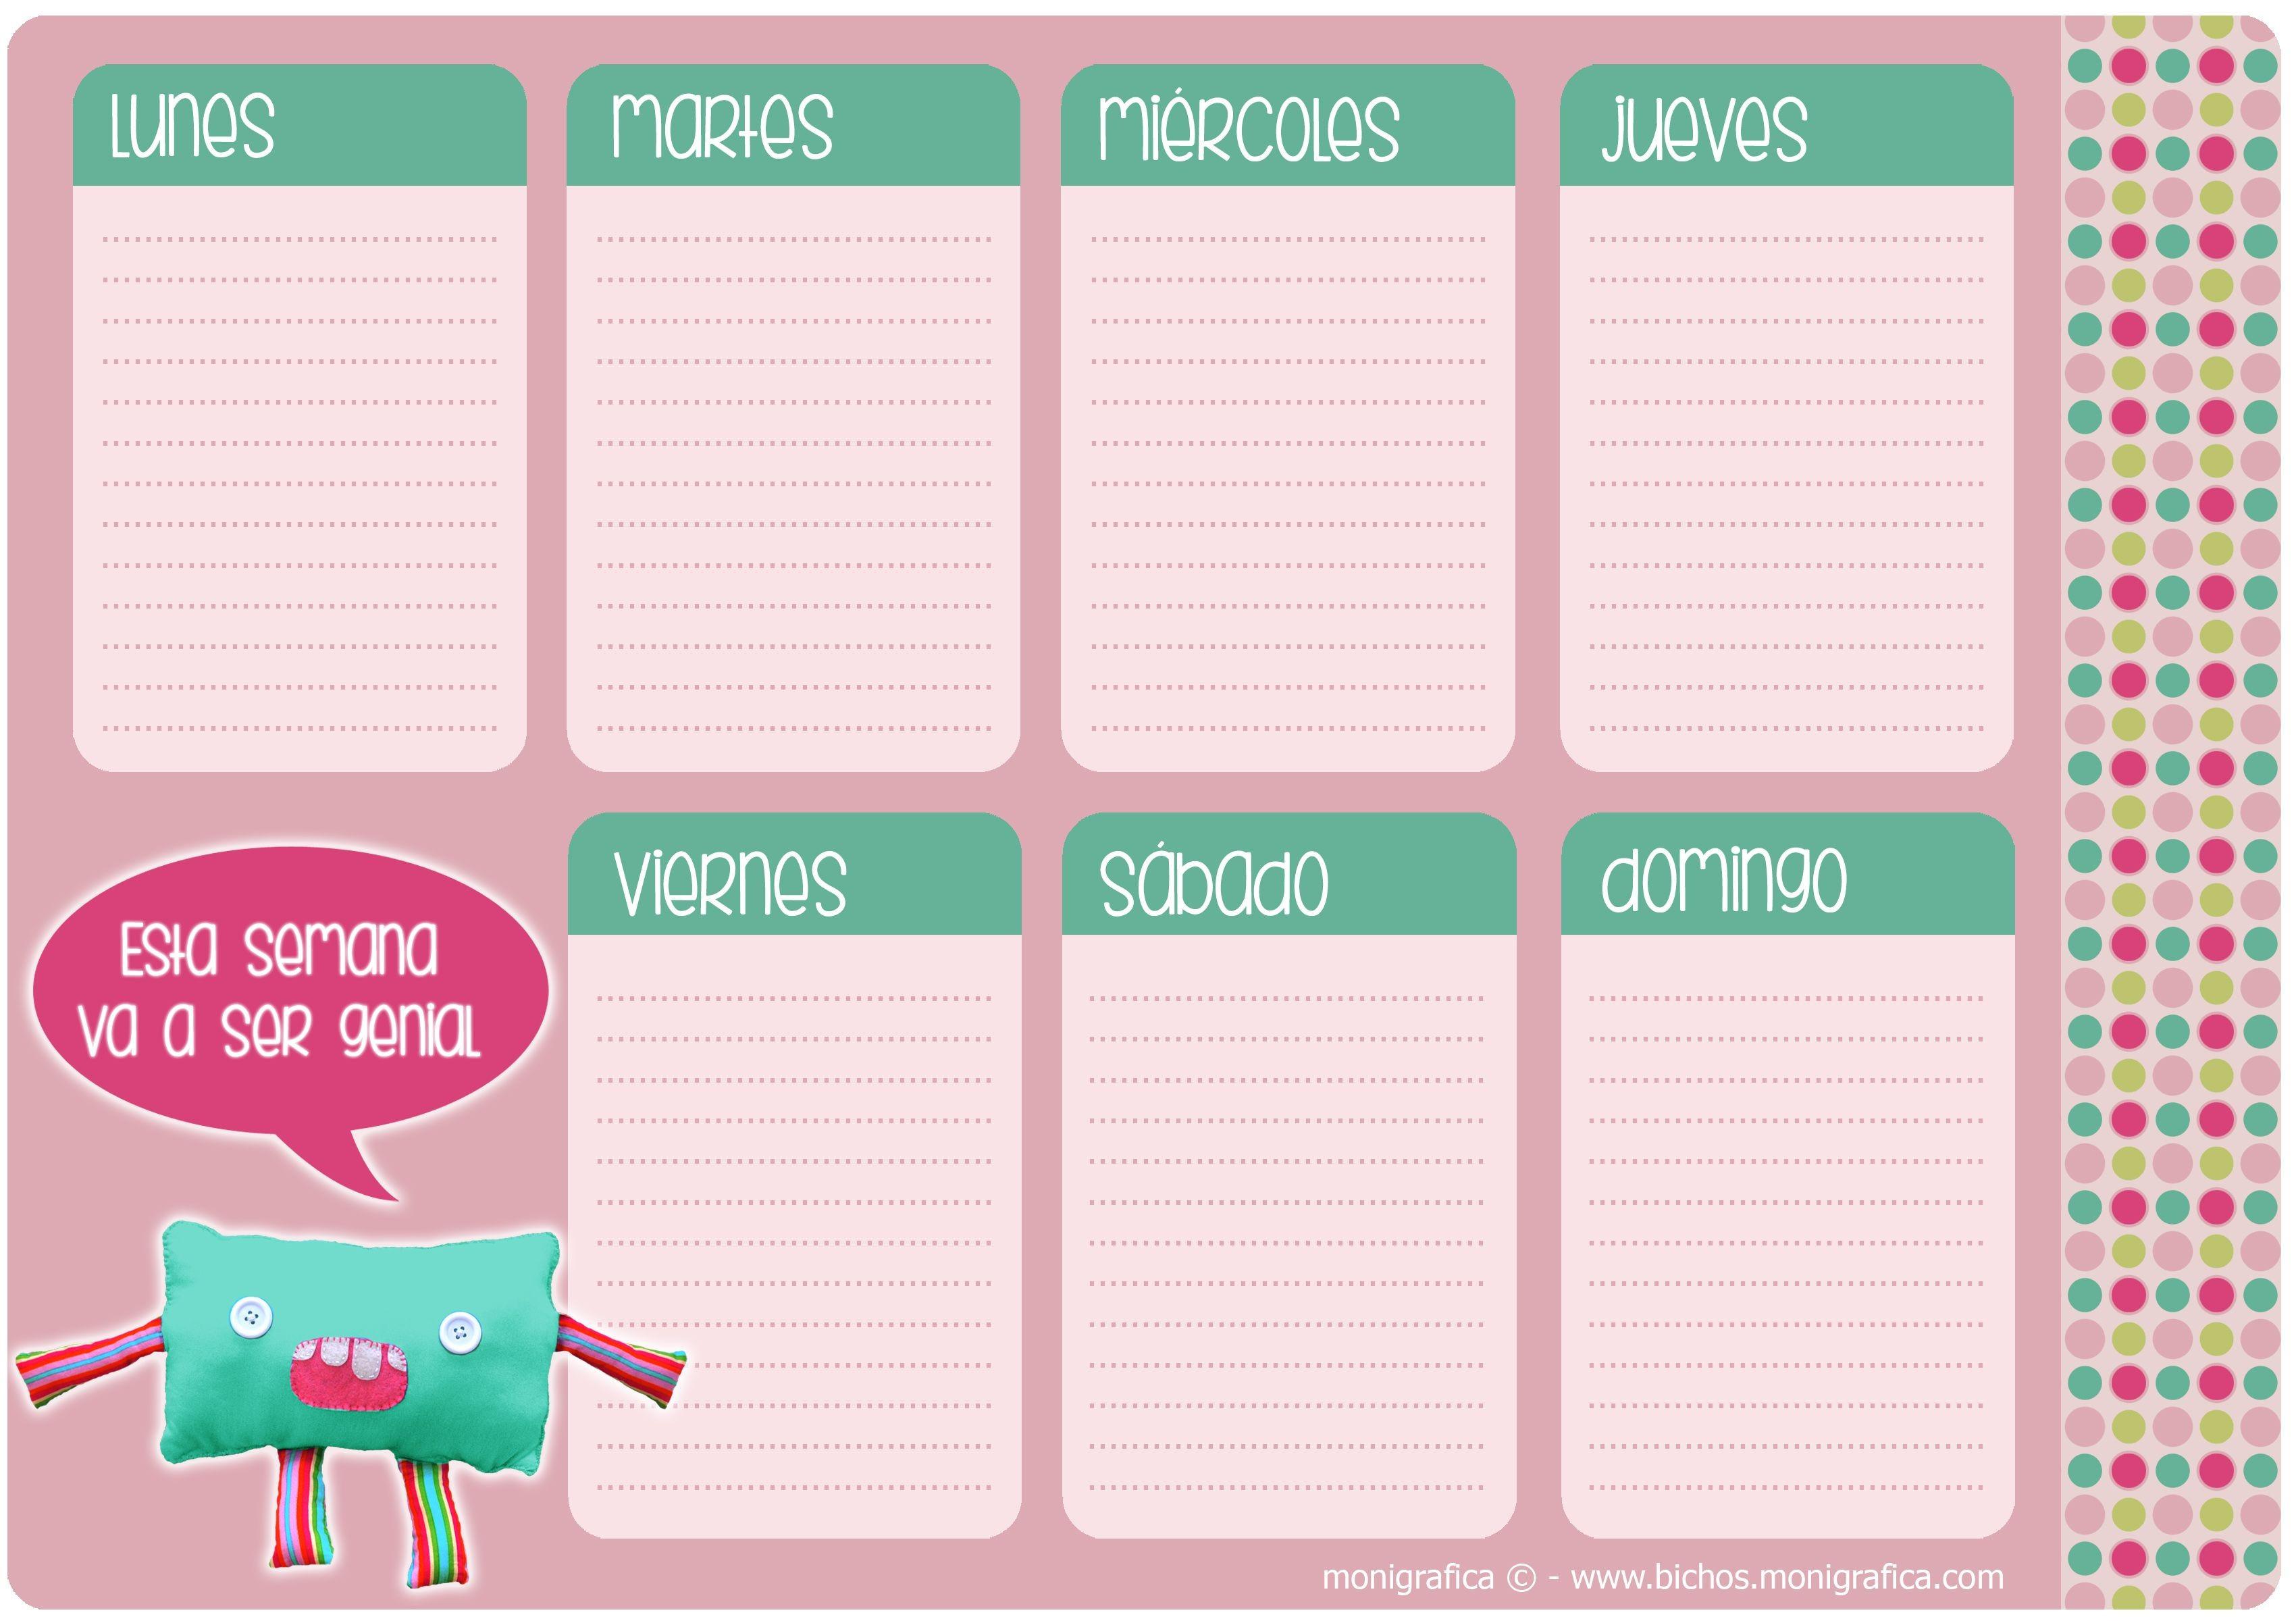 Calendario Semanal Calendario 2016 Agenda Semanal Para Imprimir Organizador Agenda Anotador